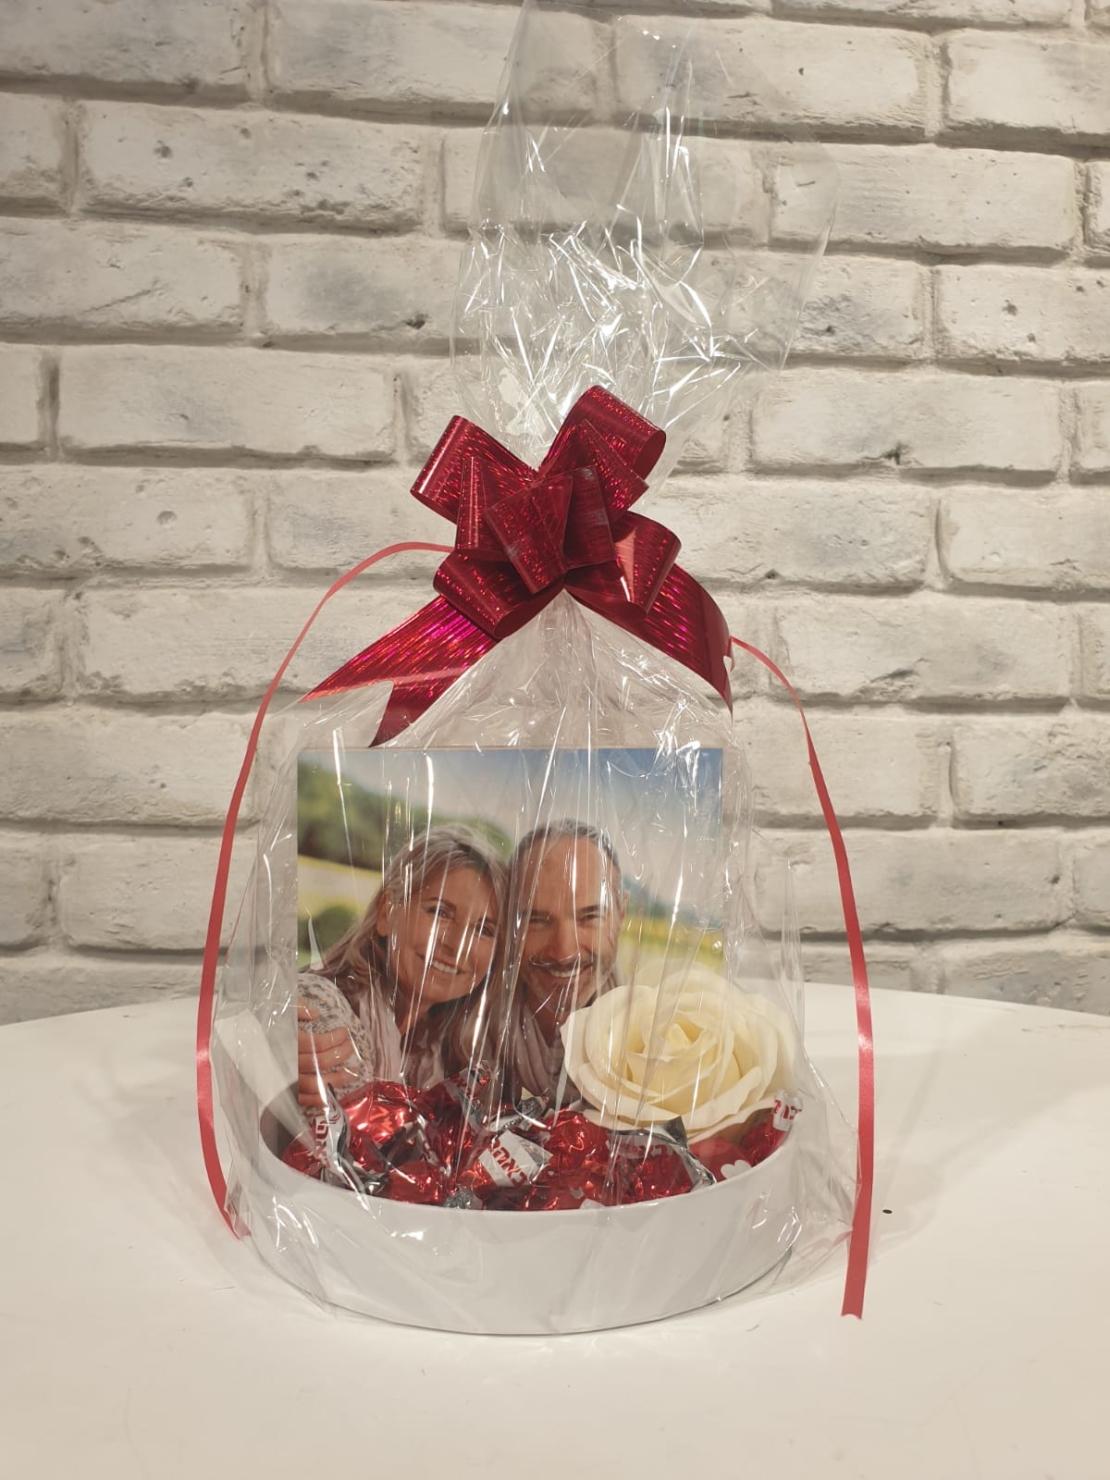 מארז עיגול קטן תמונה ושוקולדים